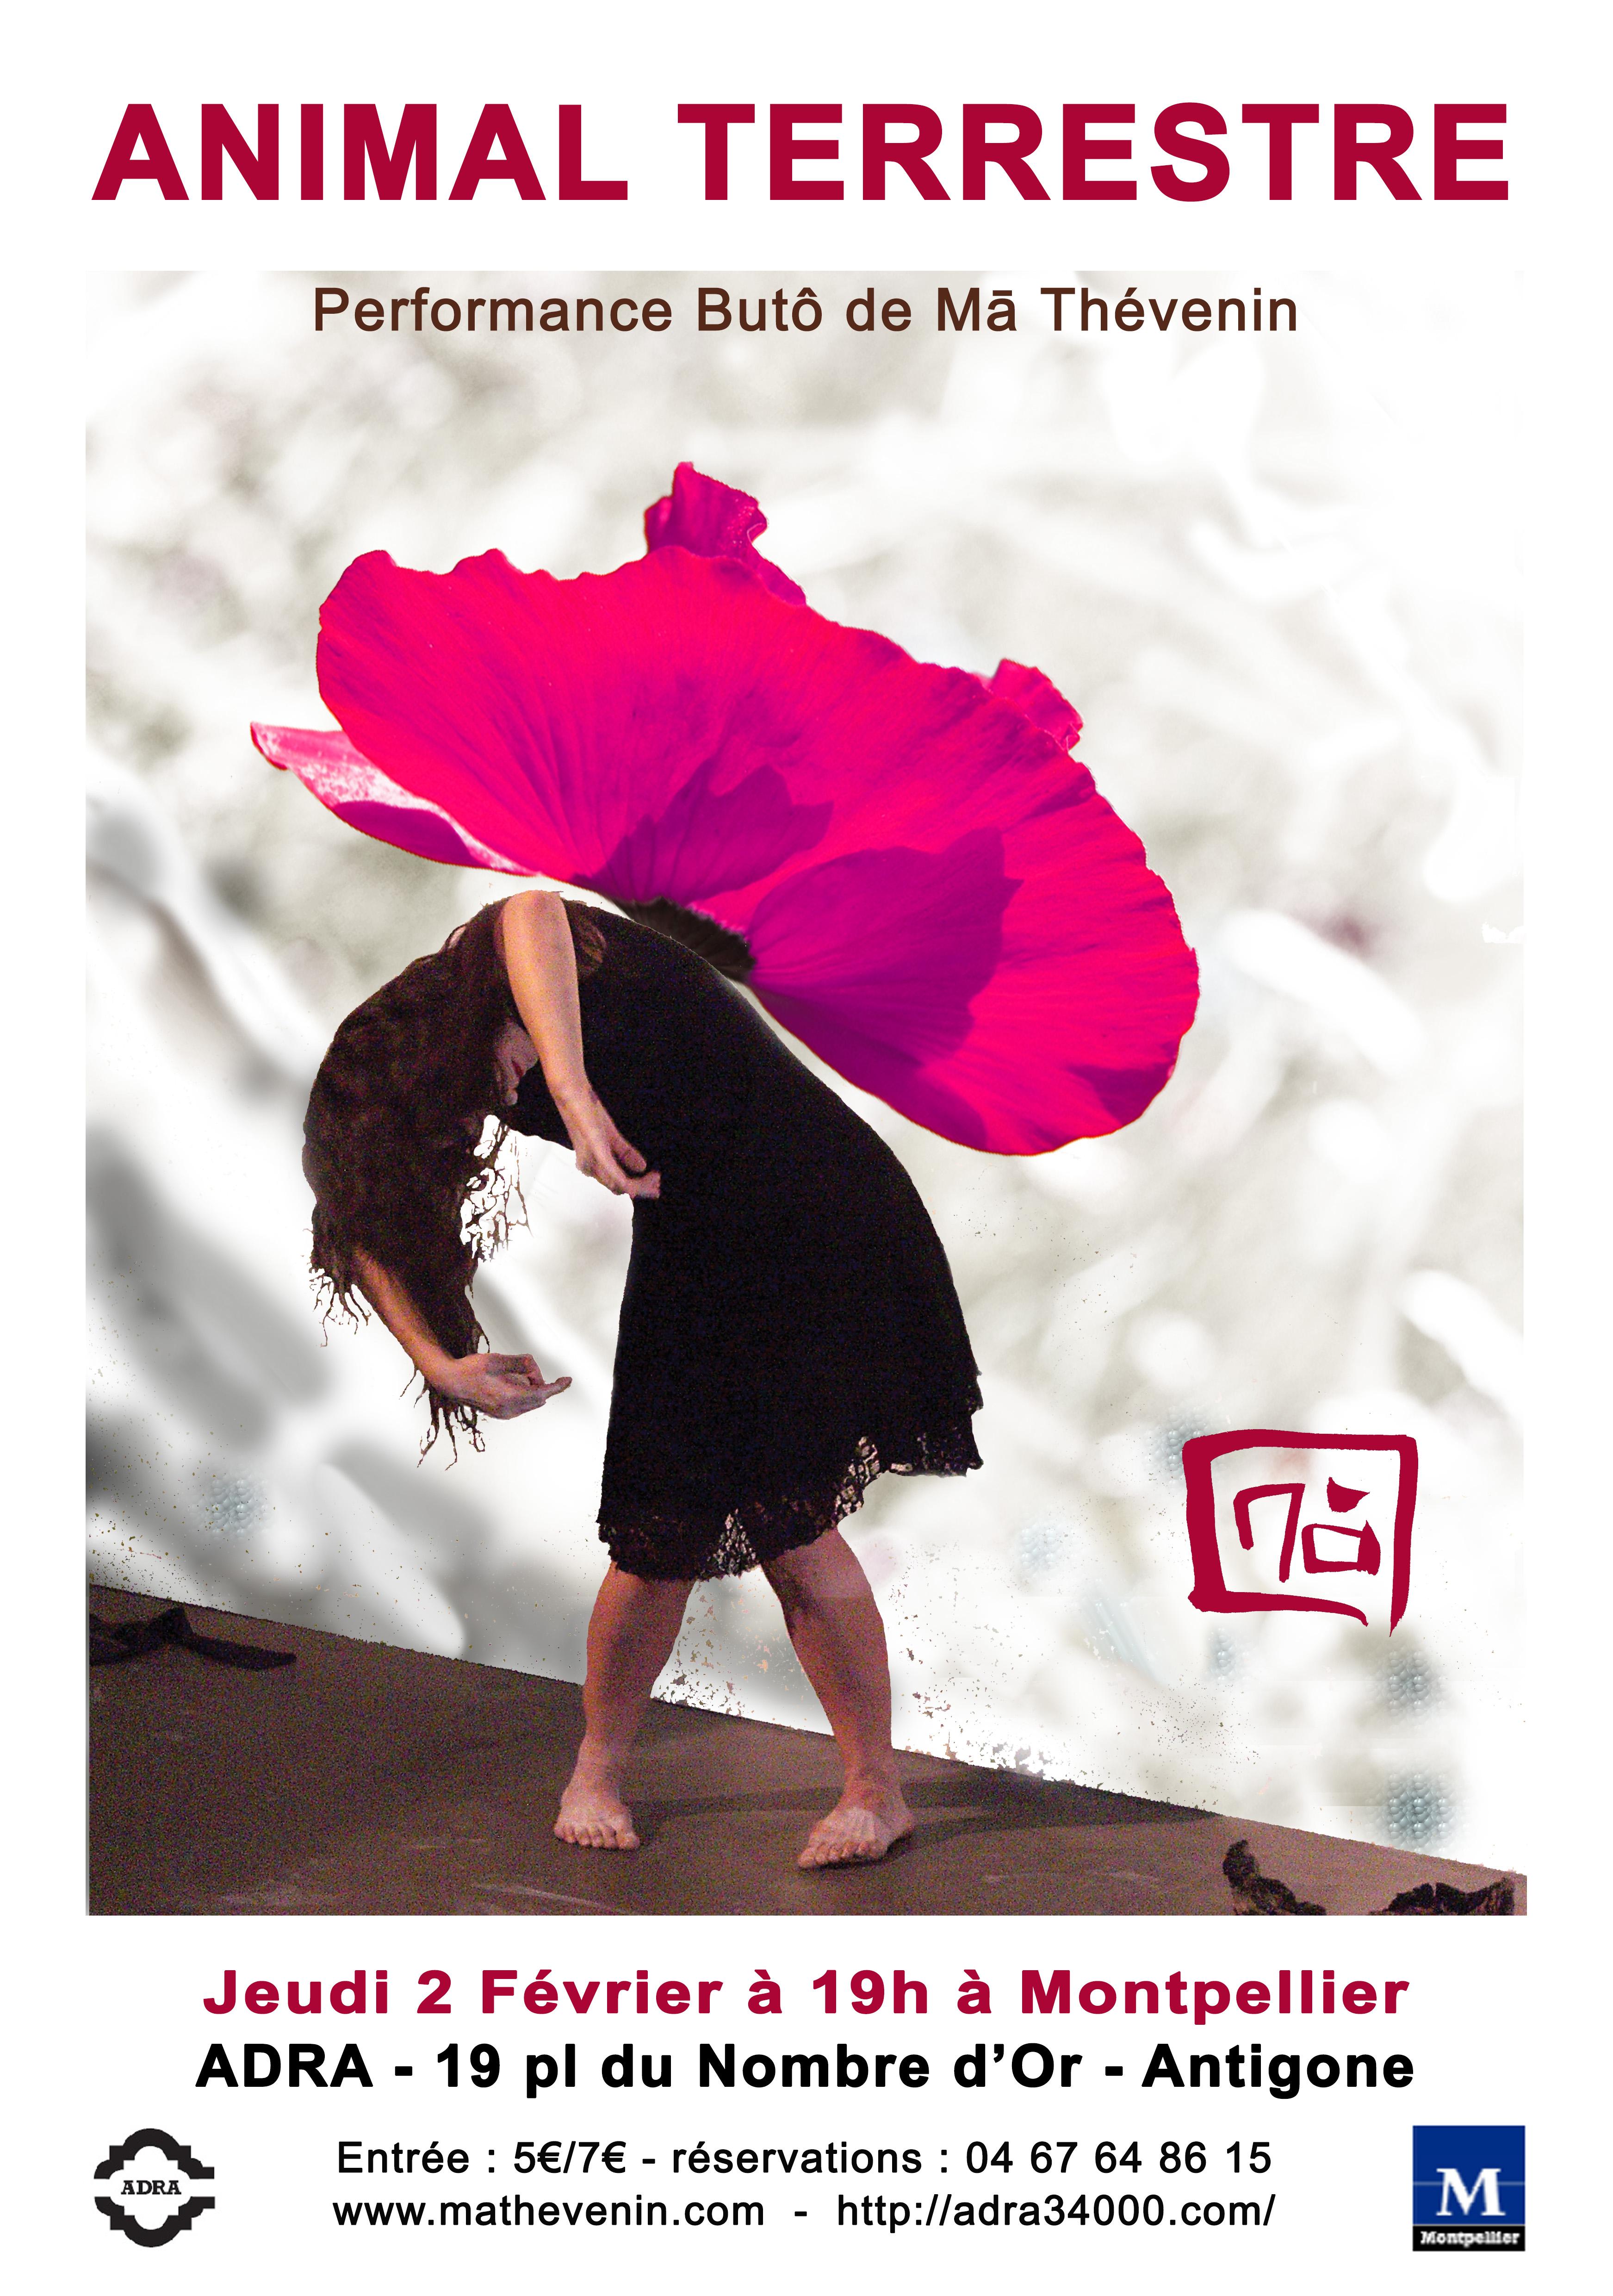 Performance de danse Butô – ANIMAL TERRESTRE le 2 Février 2017 à 19h, Quartier Antigone – à l'ADRA,19 place du Nombre d'Or 34000 Montpellier